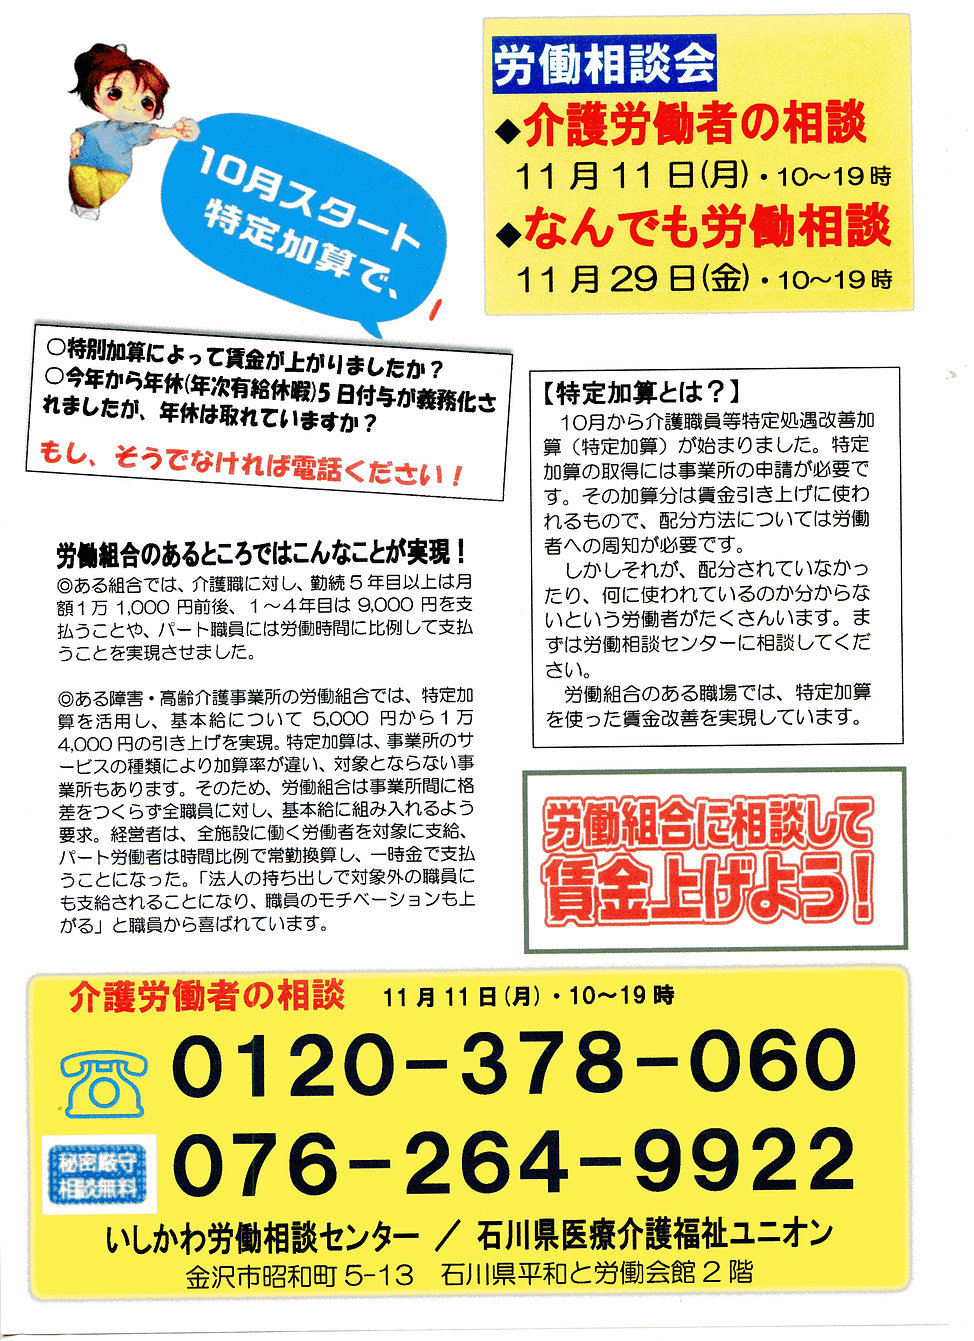 労働相談004.jpg